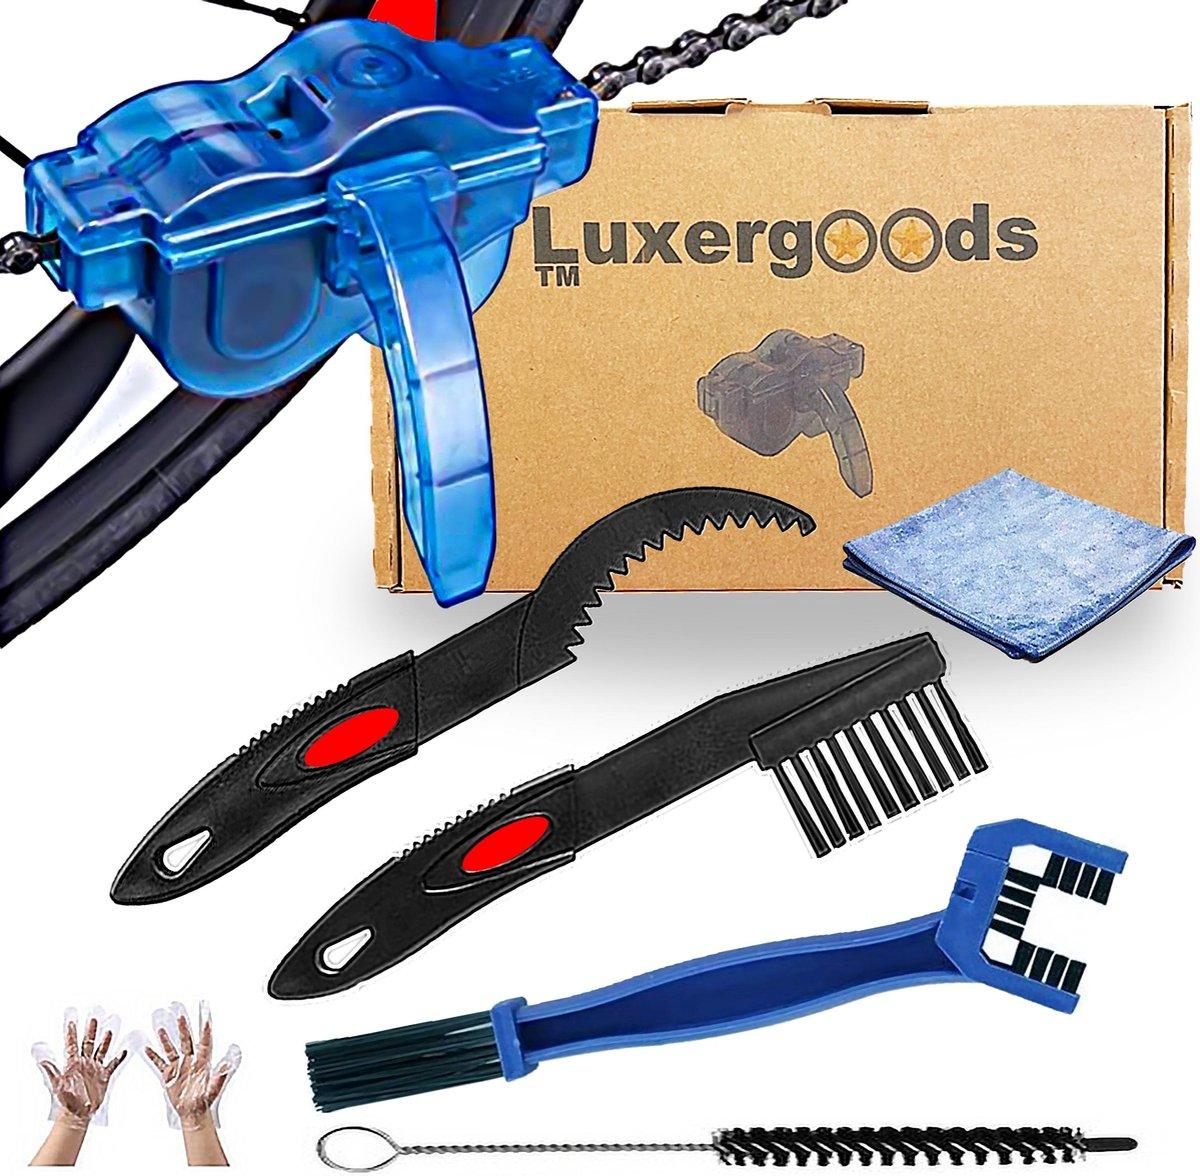 Luxergoods Fietsketting reiniger - Ketting schoonmaken - 9 delig - Inclusief borstel - Gratis handsc